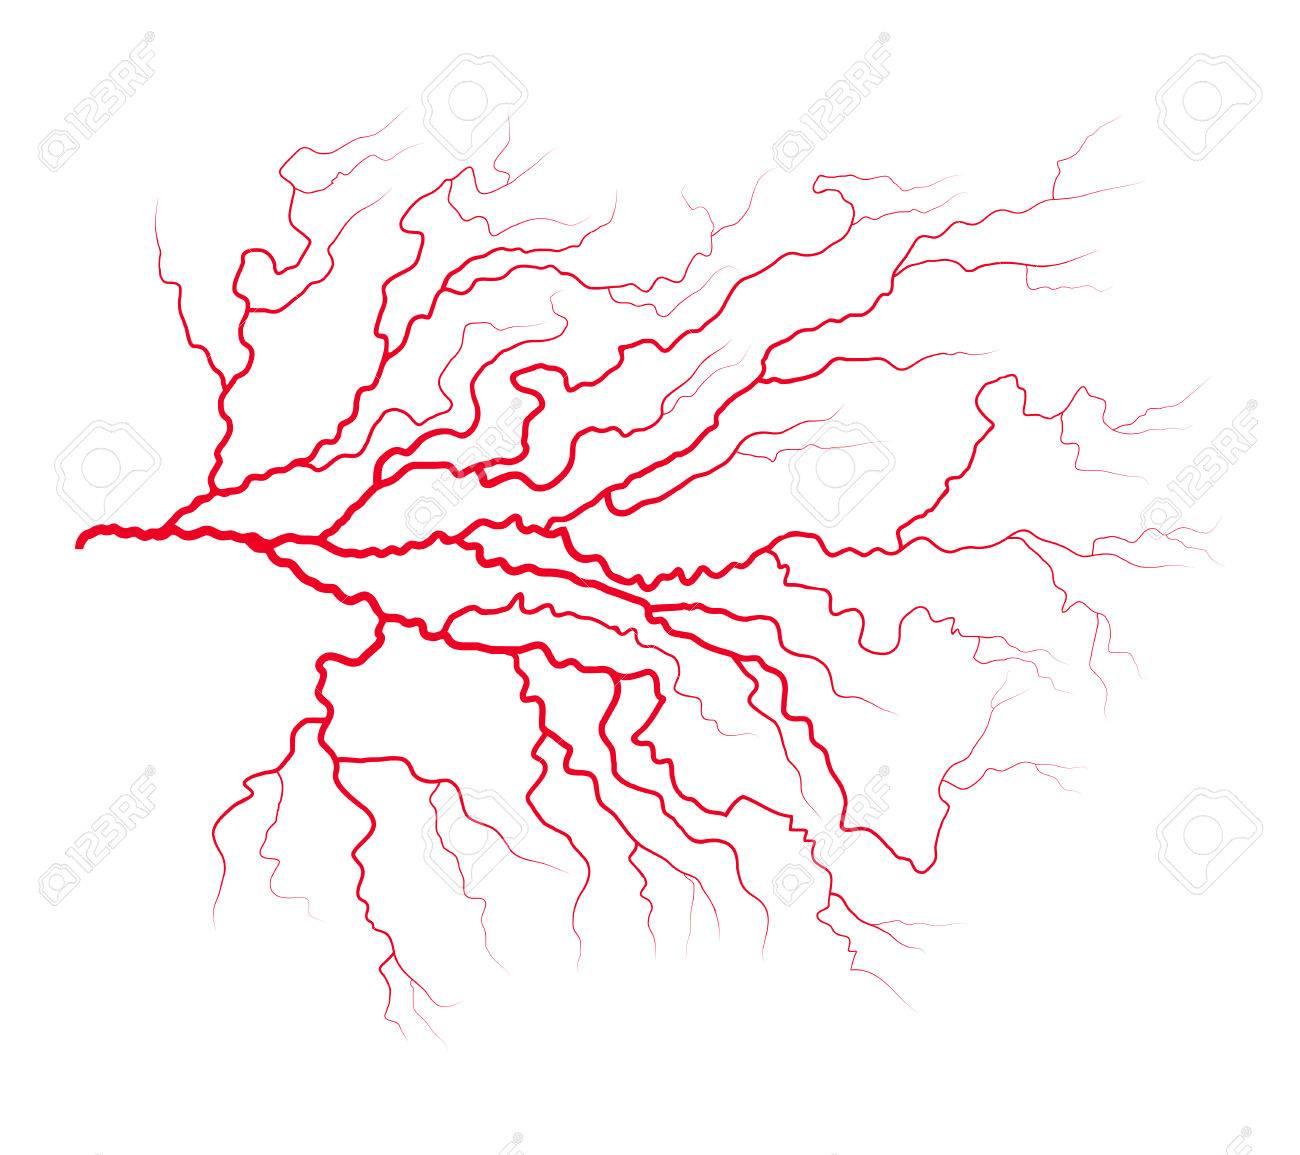 Vene Blut System Vektor Symbol Symbol Design. Schöne Abbildung ...